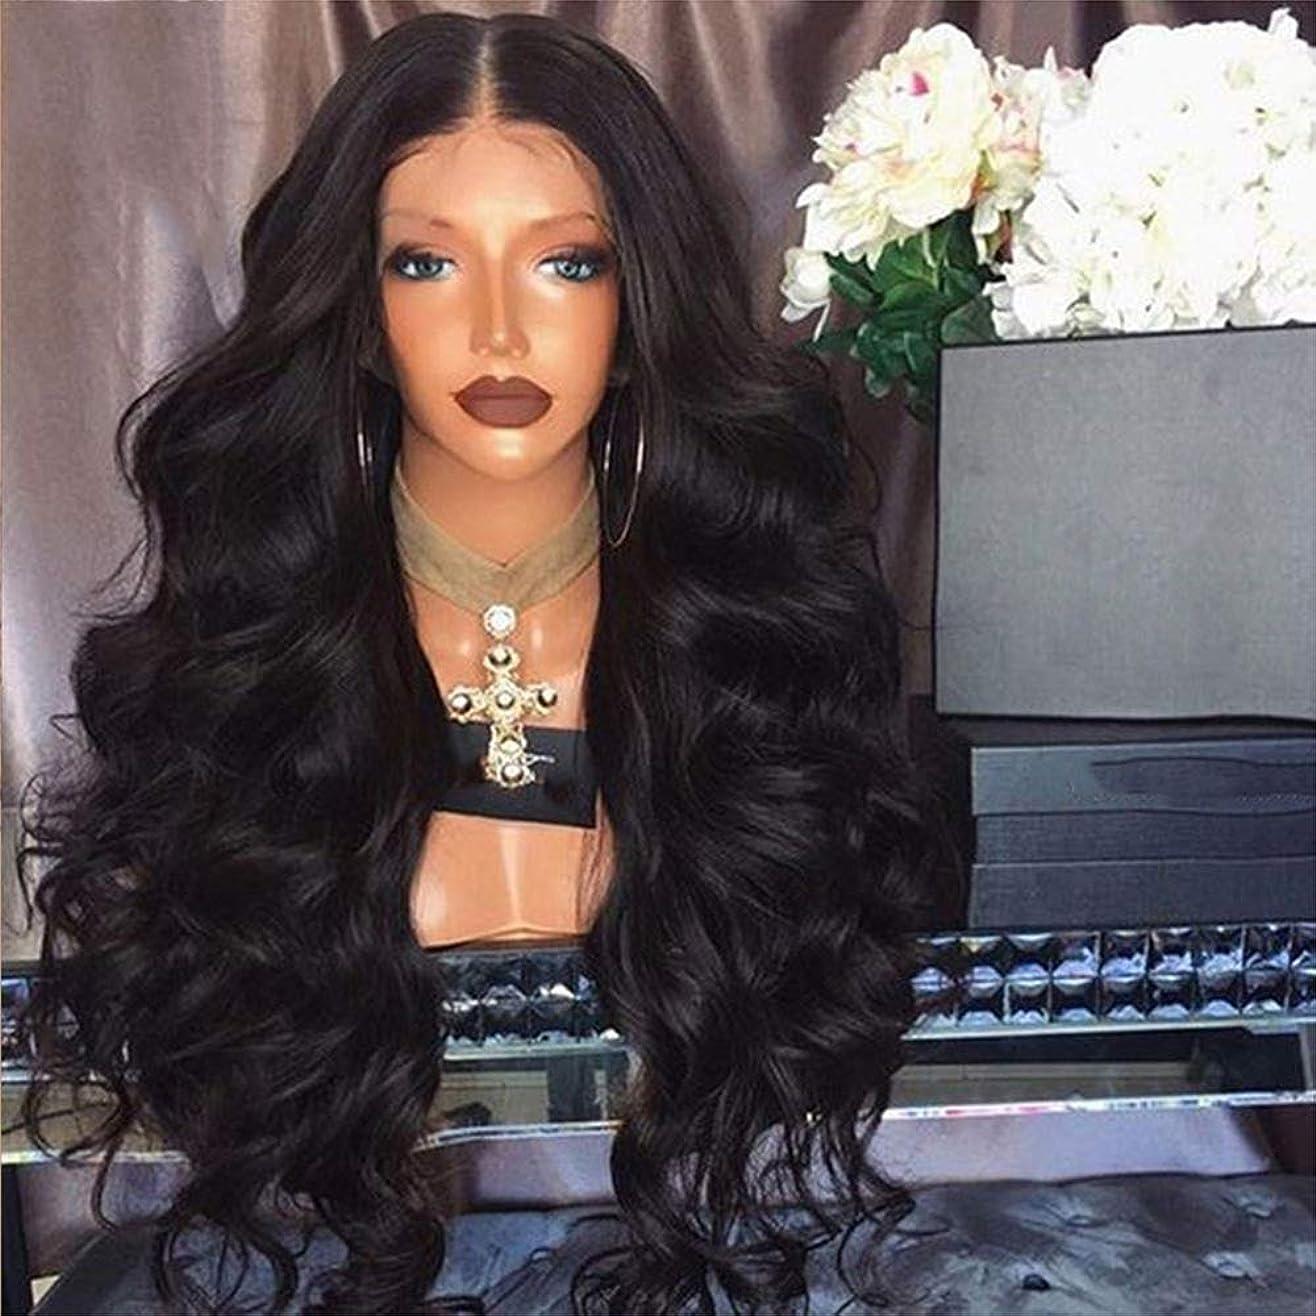 突進リーク種女性かつらレースフロントかつら人間の髪の毛赤ちゃんの髪ブラジル実体波髪レースかつら150%密度